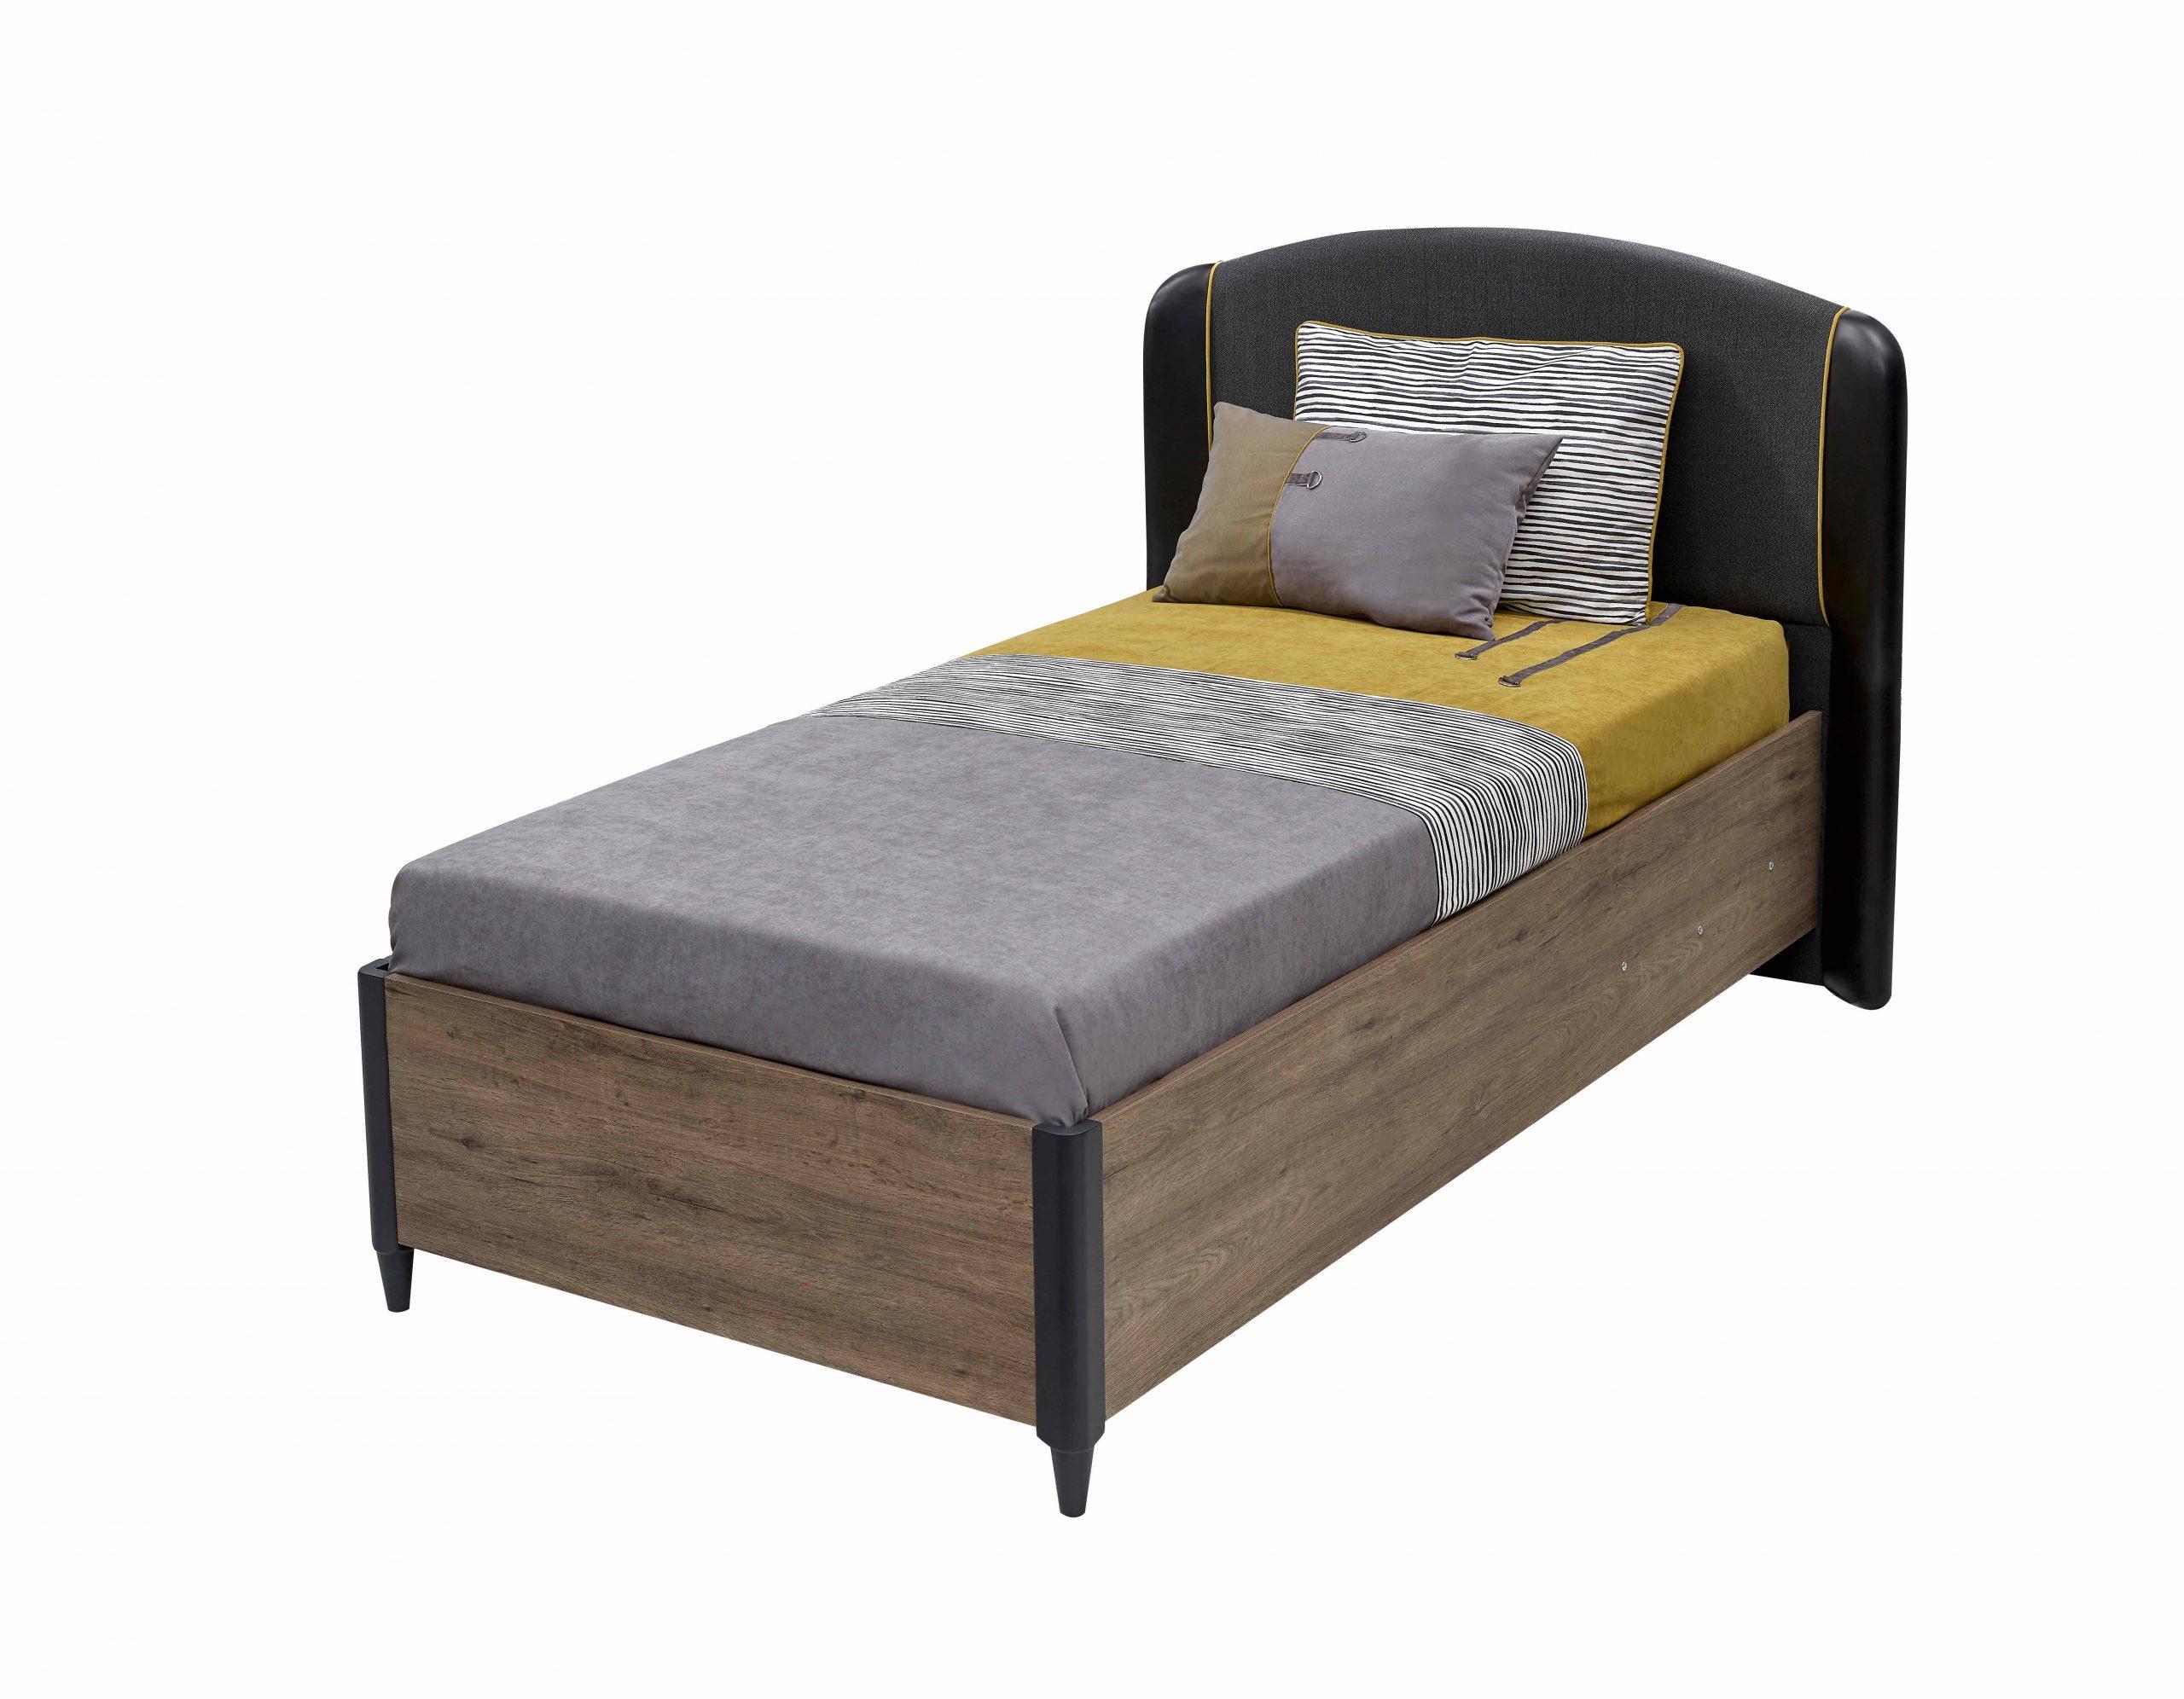 Full Size of Stauraumbett Active Bett 120x200 Weiß Betten Mit Bettkasten Matratze Und Lattenrost Wohnzimmer Stauraumbett 120x200